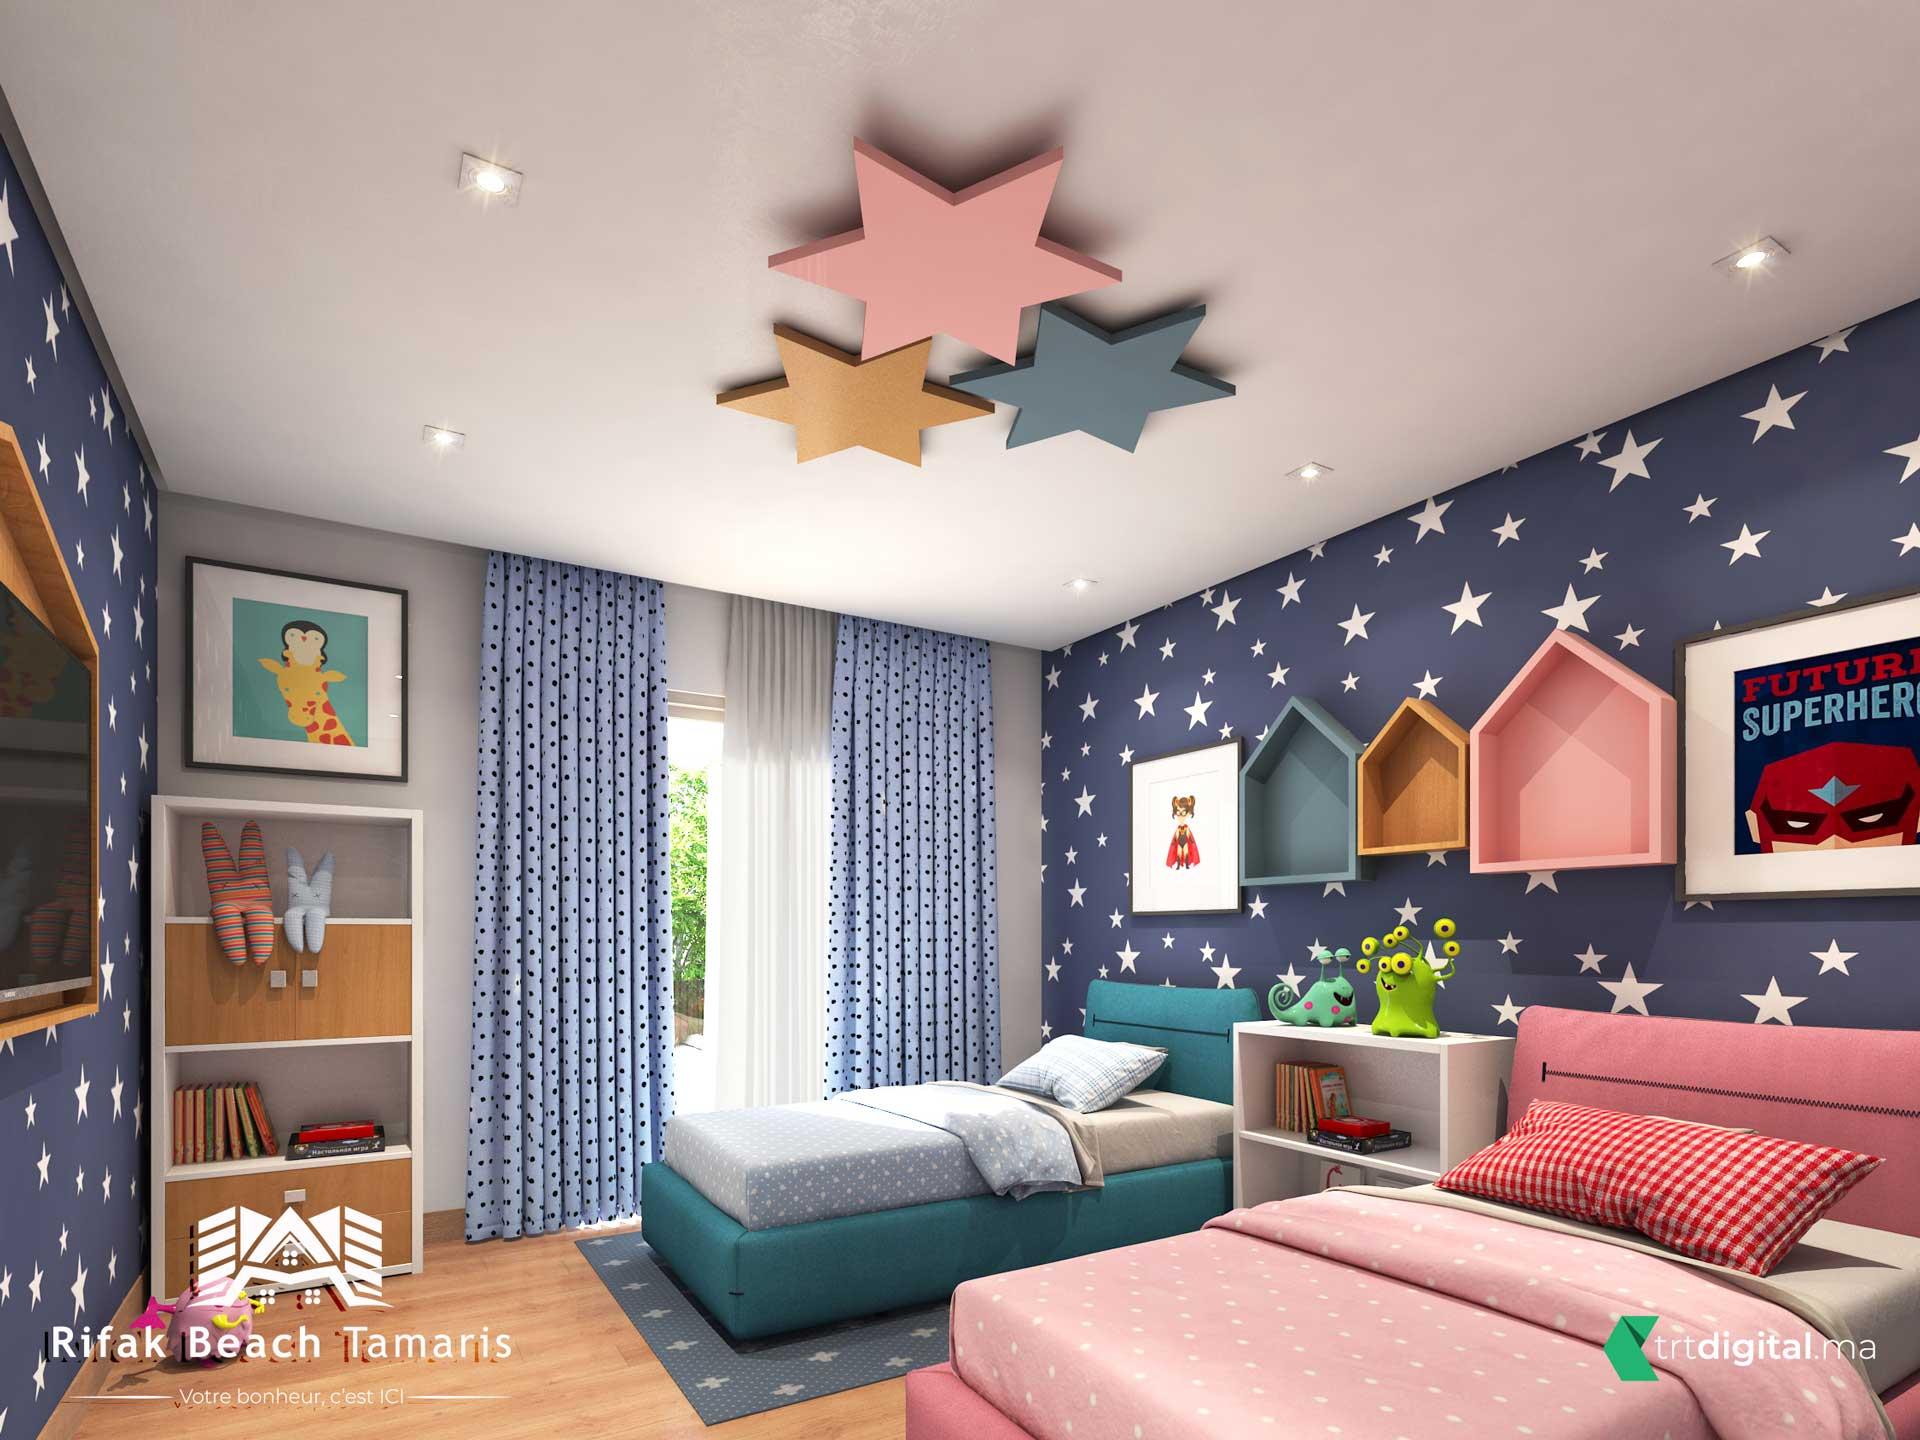 iCom-Agence-de-Communication-au-Maroc-Casablanca-creation-photo-archetecture-interieur-exterieur-3d2020-05-24 at 4.31.04 PM 8